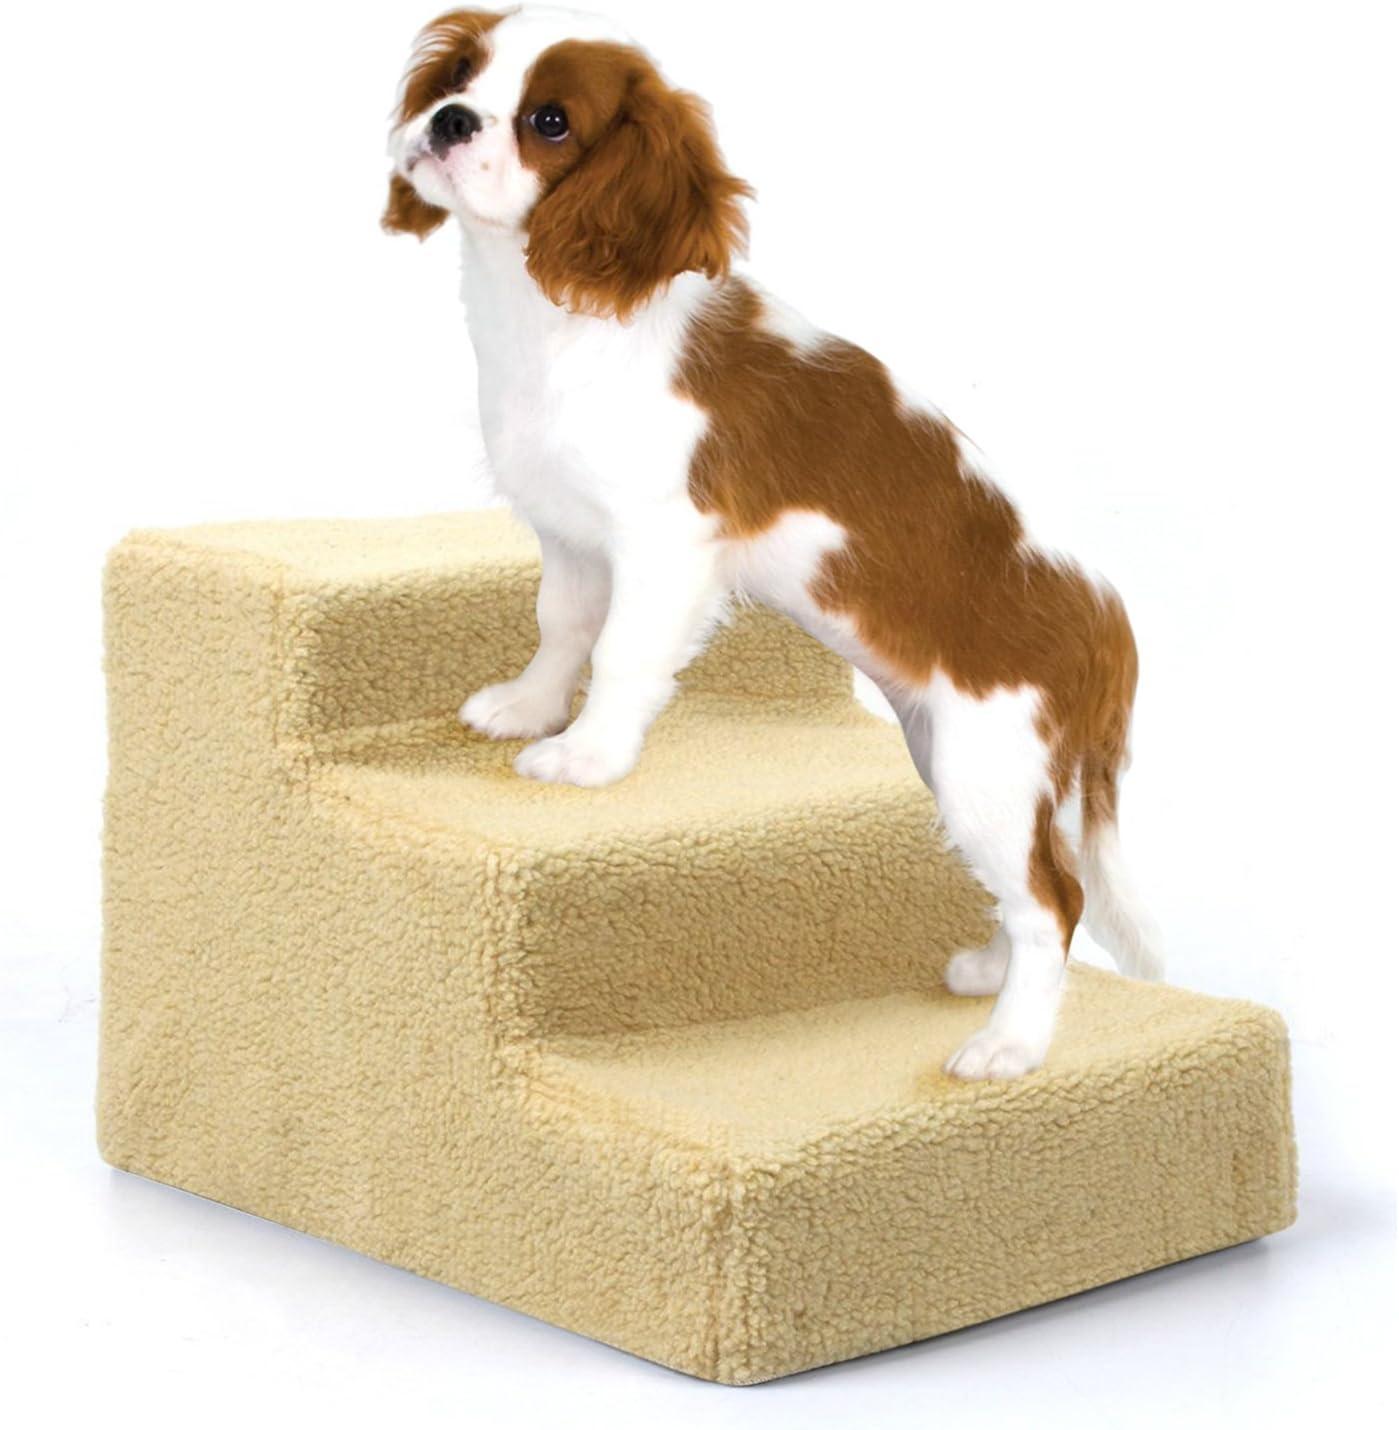 amzdeal – Easy Step Perros Escaleras, 45 x 35 x 30 cm, color beige ...